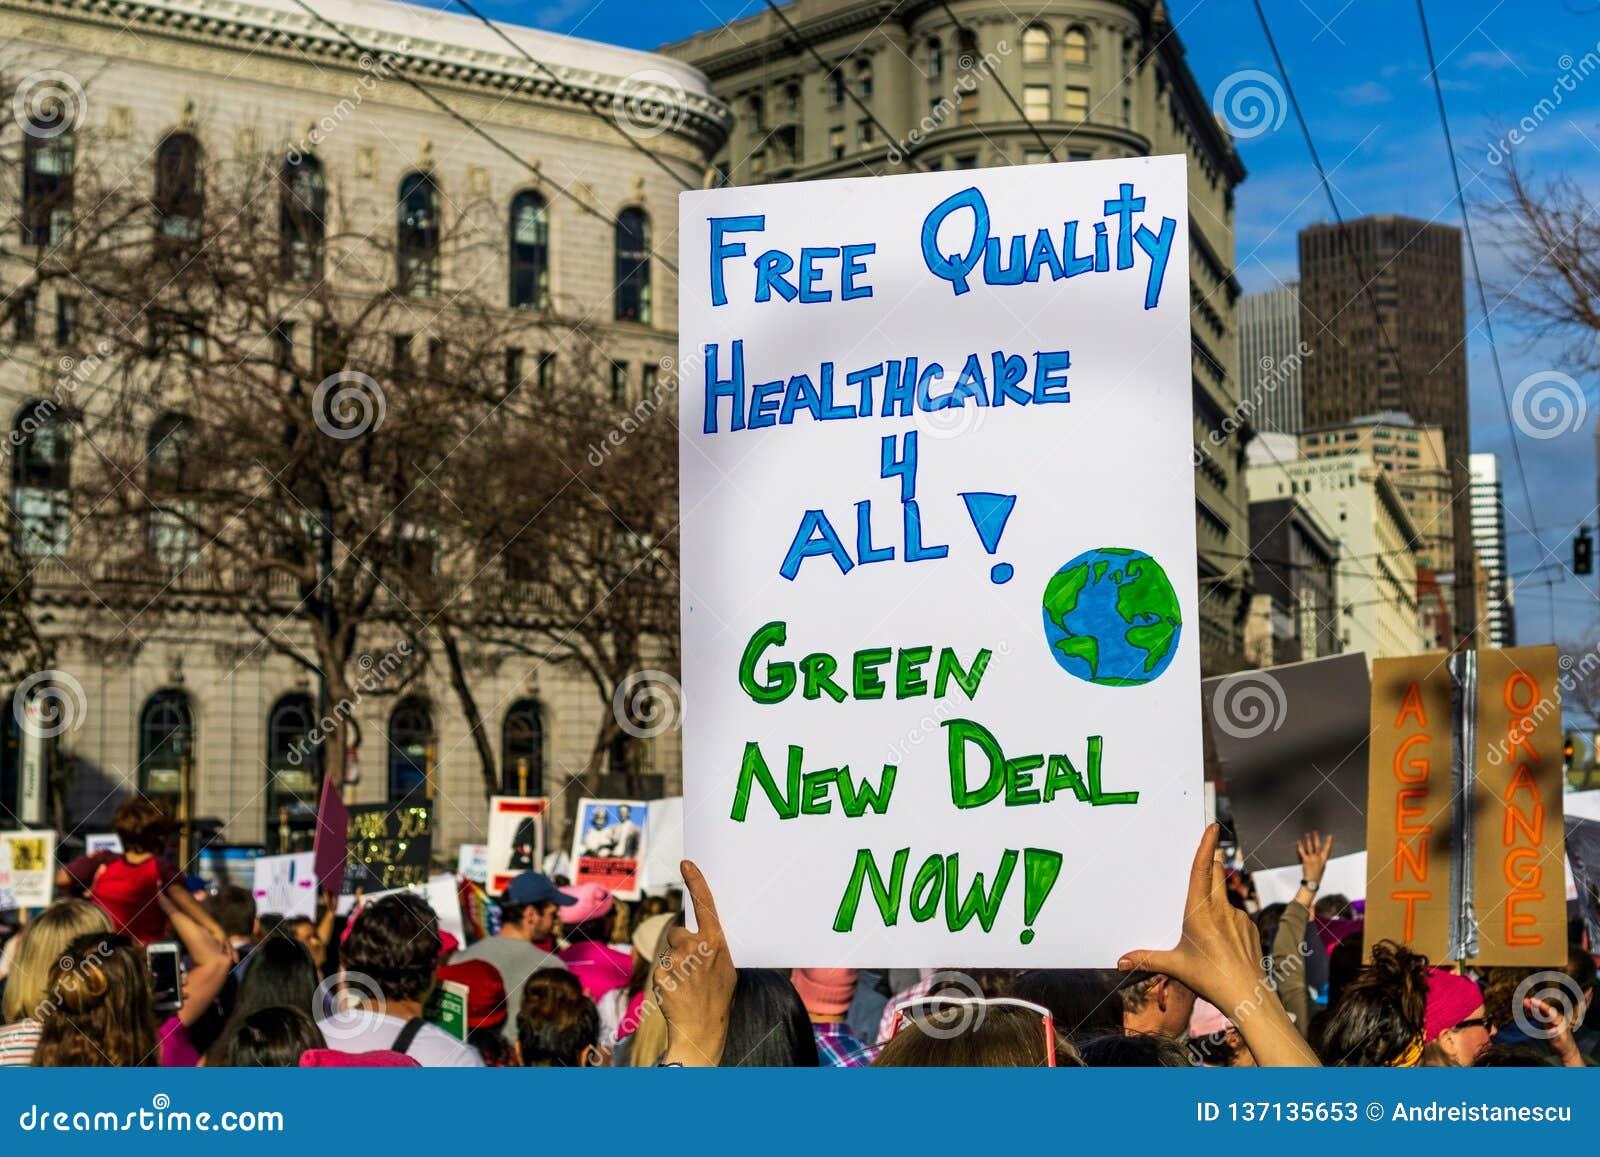 2019年1月19日旧金山/加州/美国-妇女的3月自由医疗保健和绿色罗斯福新政标志